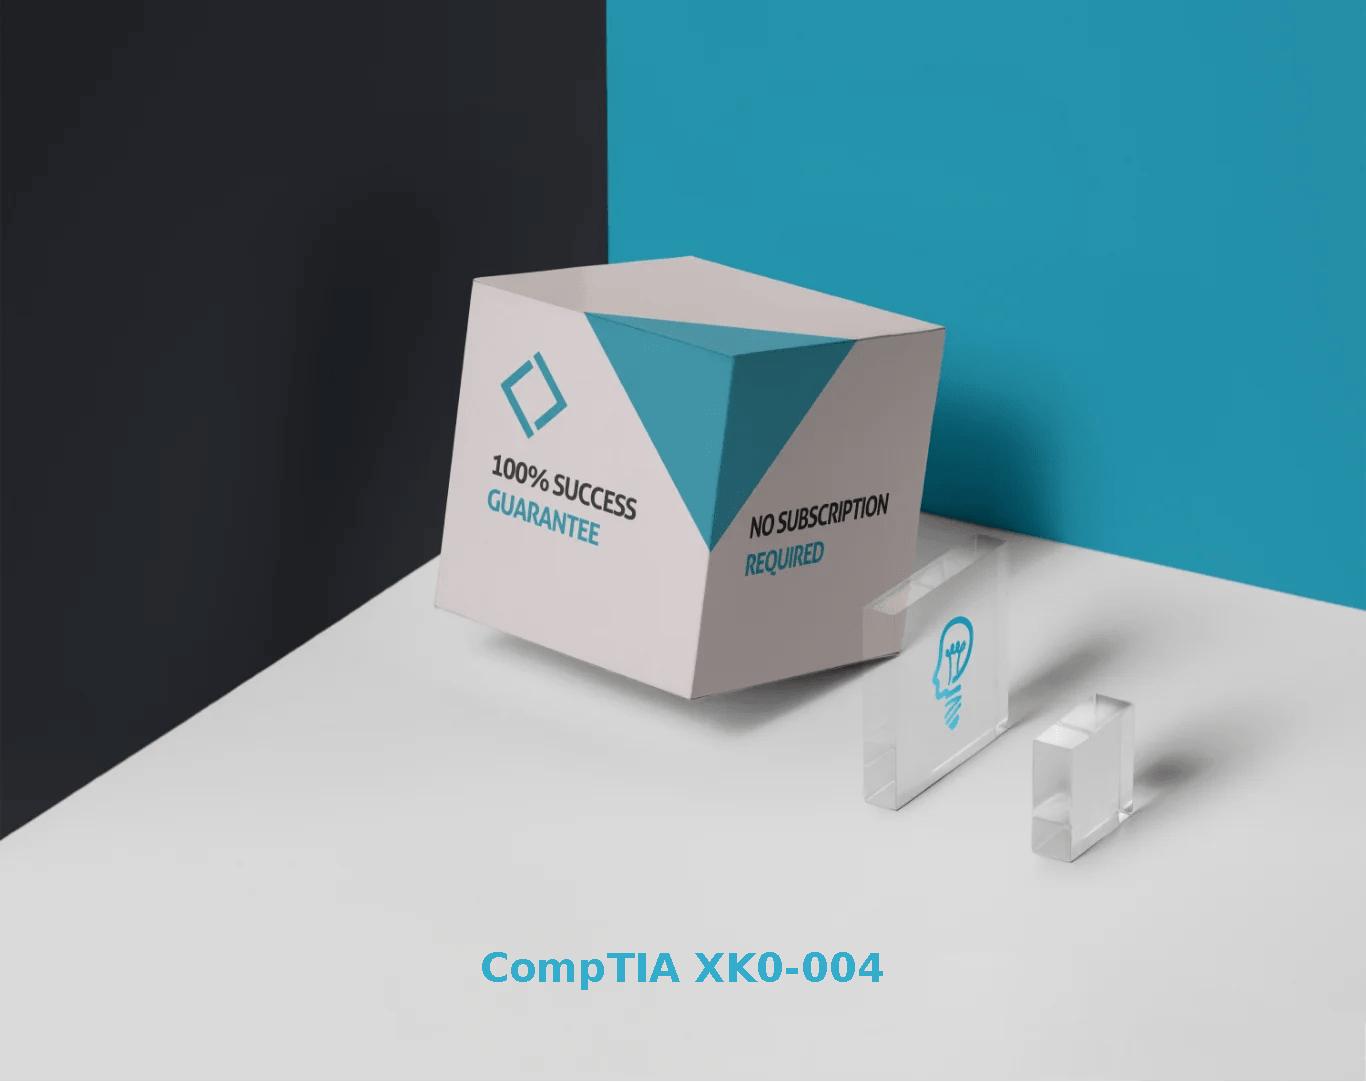 XK0-004 Dumps